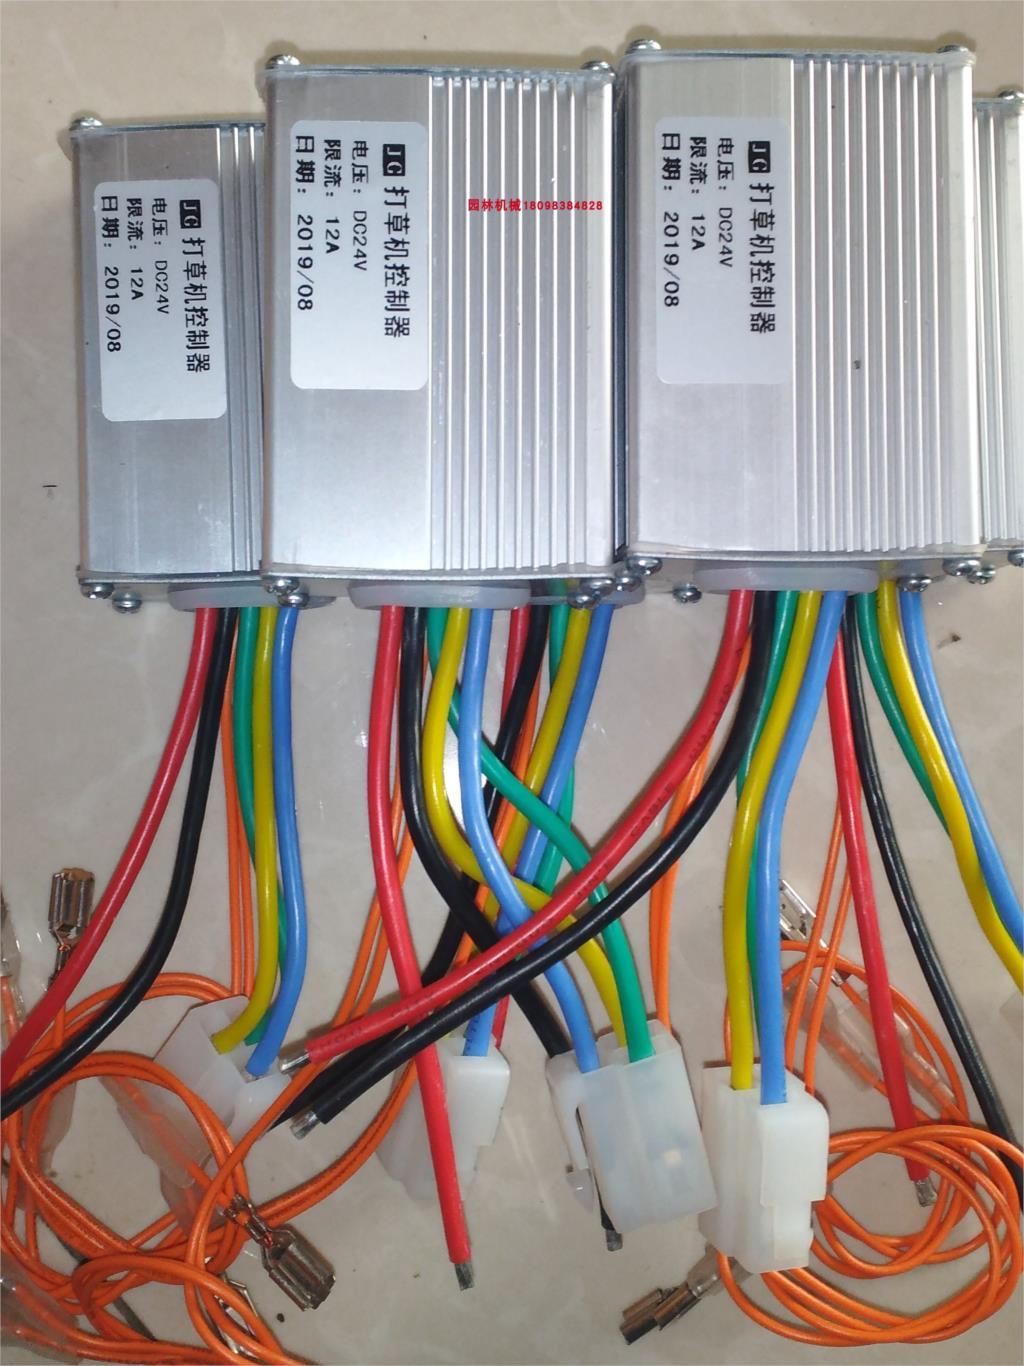 الأمثل الديناميكي فرش تيار مستمر عالية الطاقة جزازة العشب الكهربائية المراقب المالي 800 واط 24 فولت ، 48 فولت 60 فولت المحرك